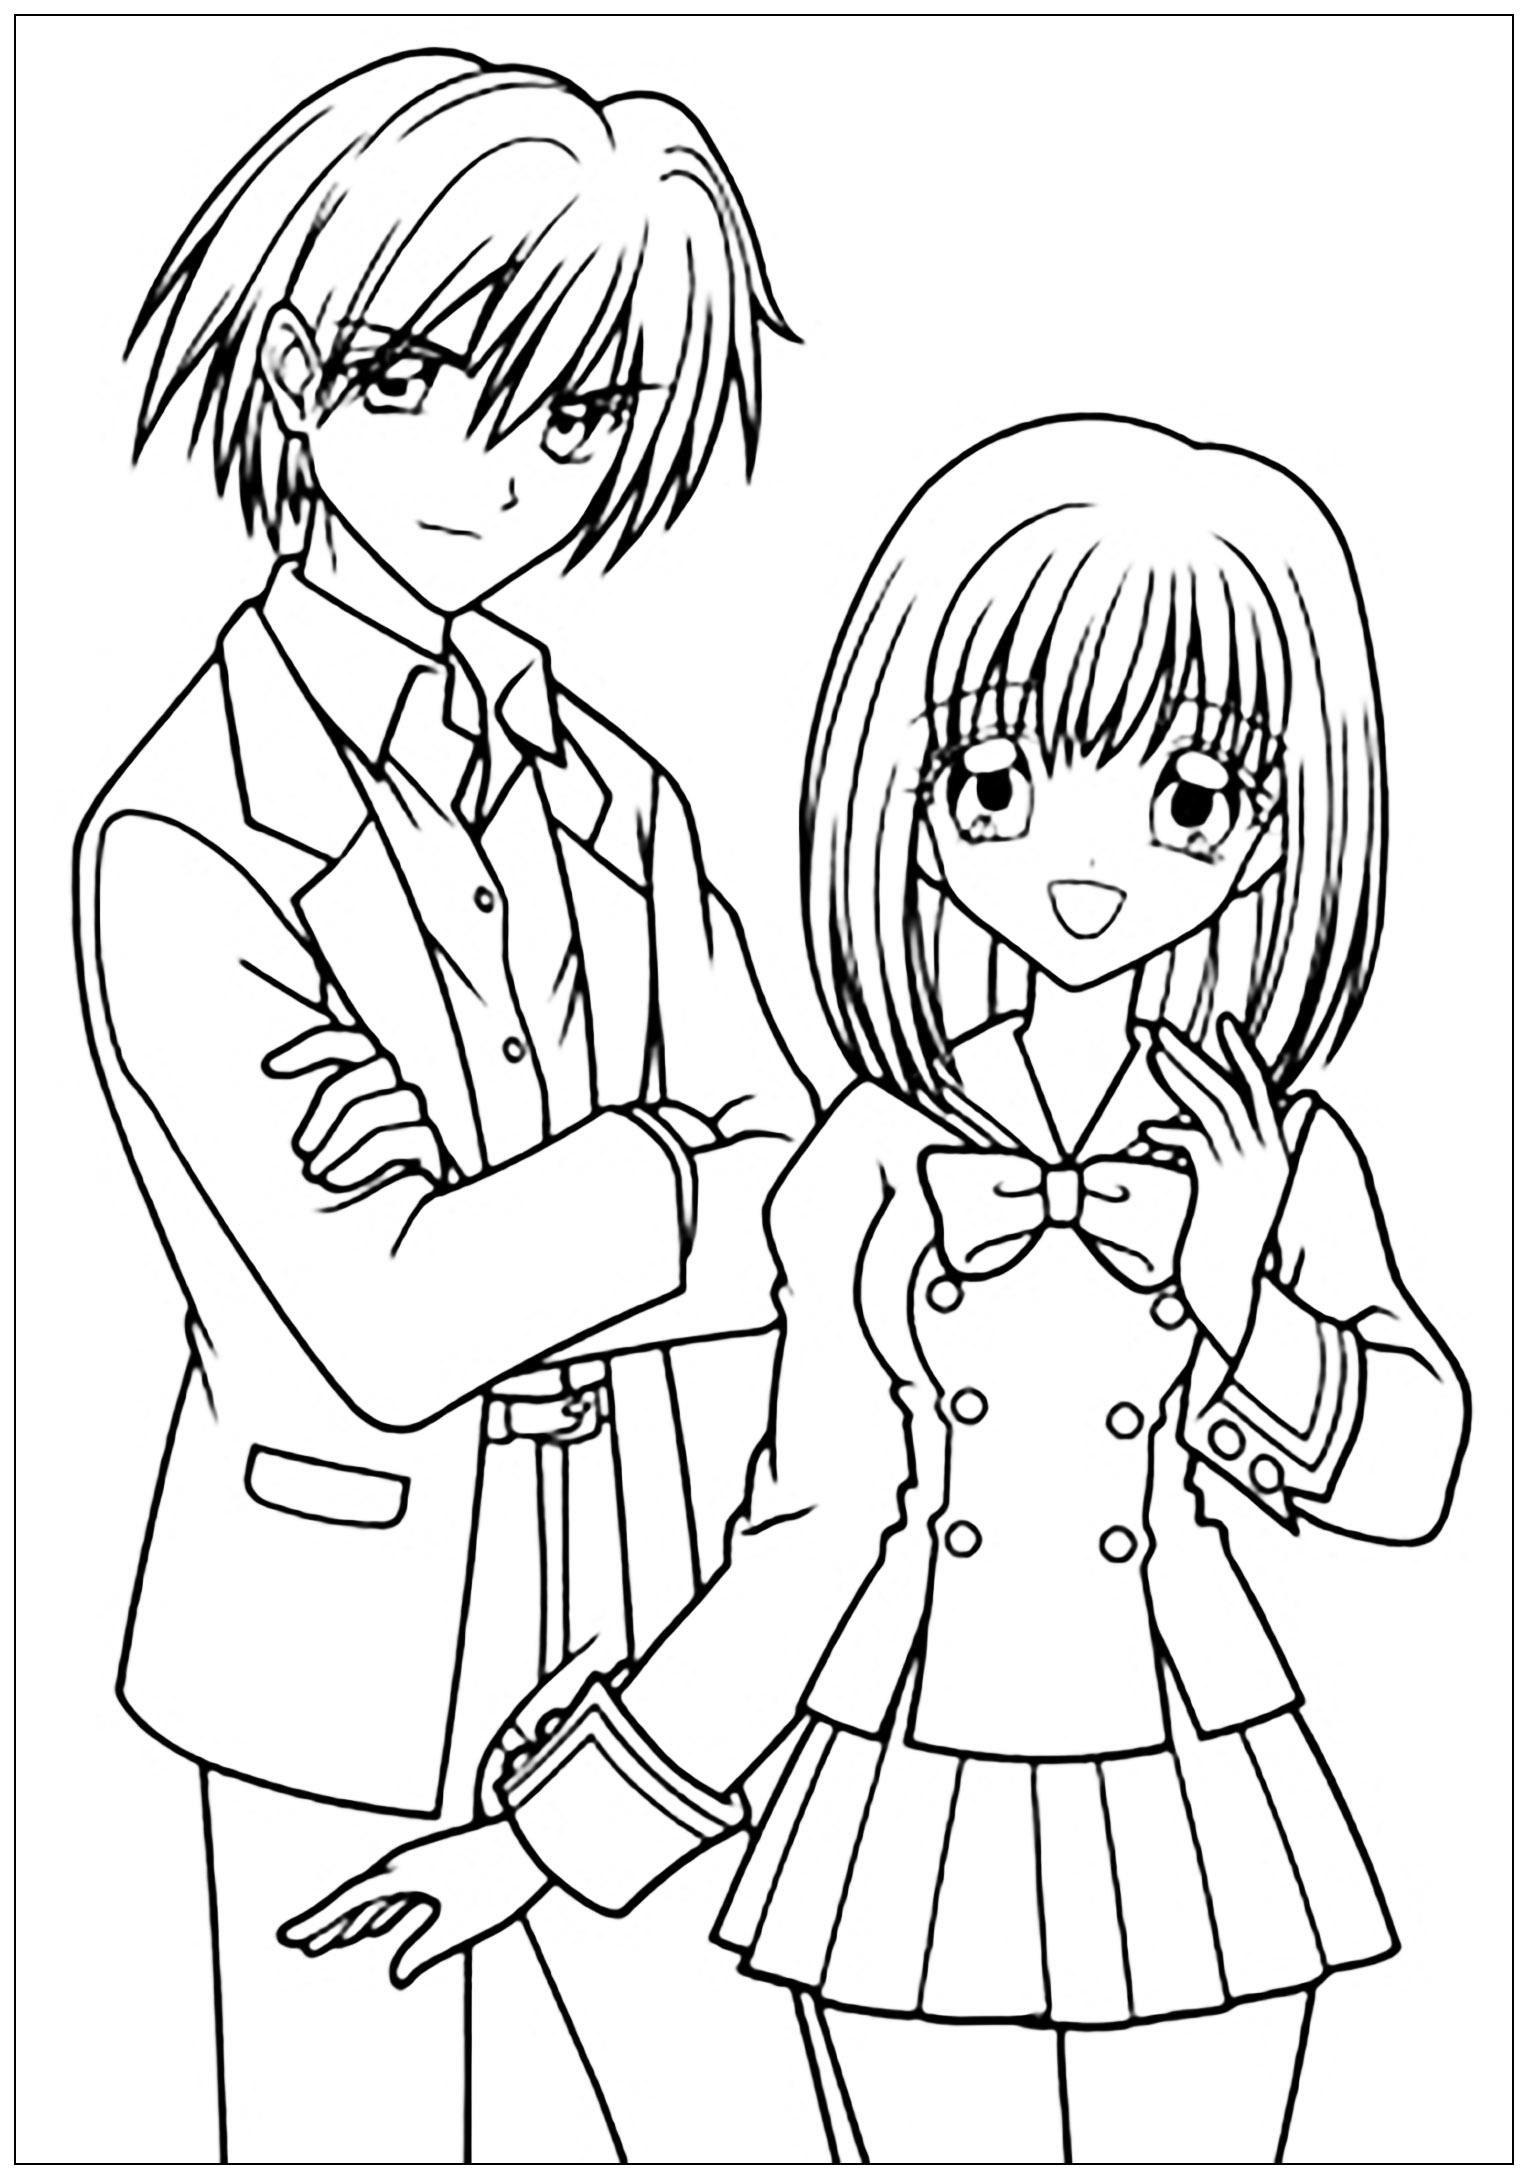 Garçon et Fille dessinés au style Manga, en tenue scolaireA partir de la galerie : Mangas